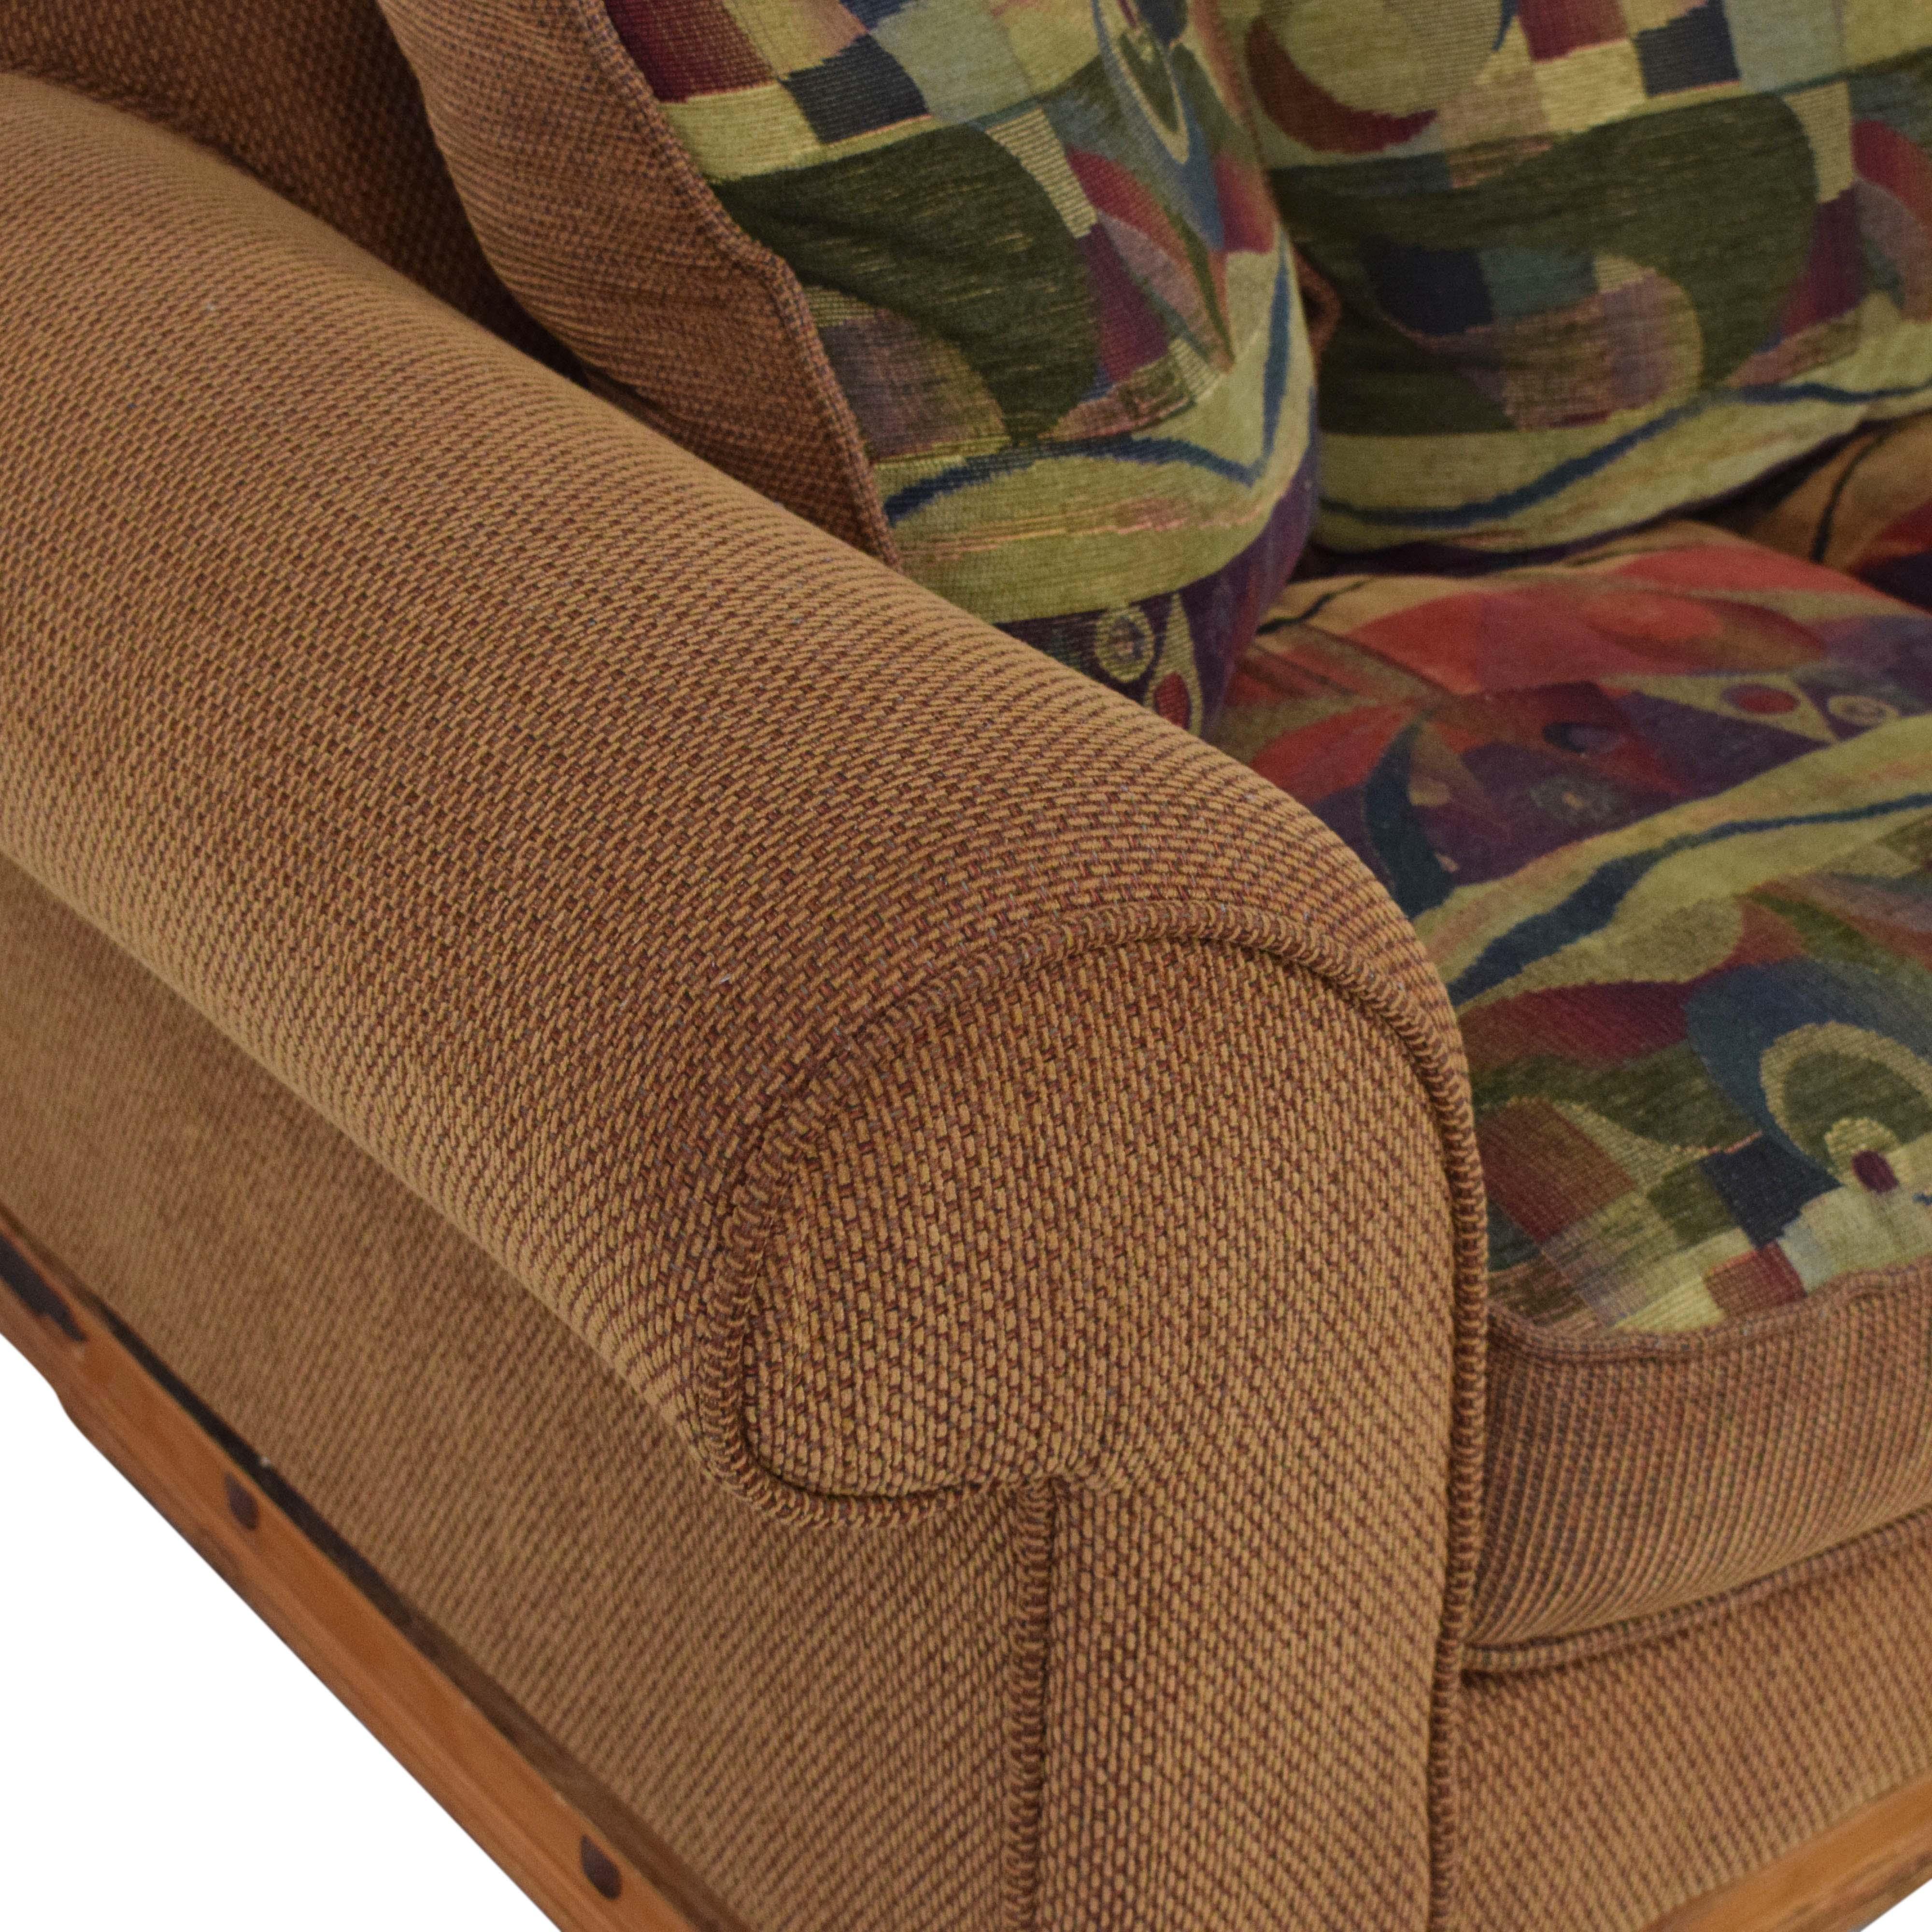 El Dorado Two Seat Sofa / Loveseats